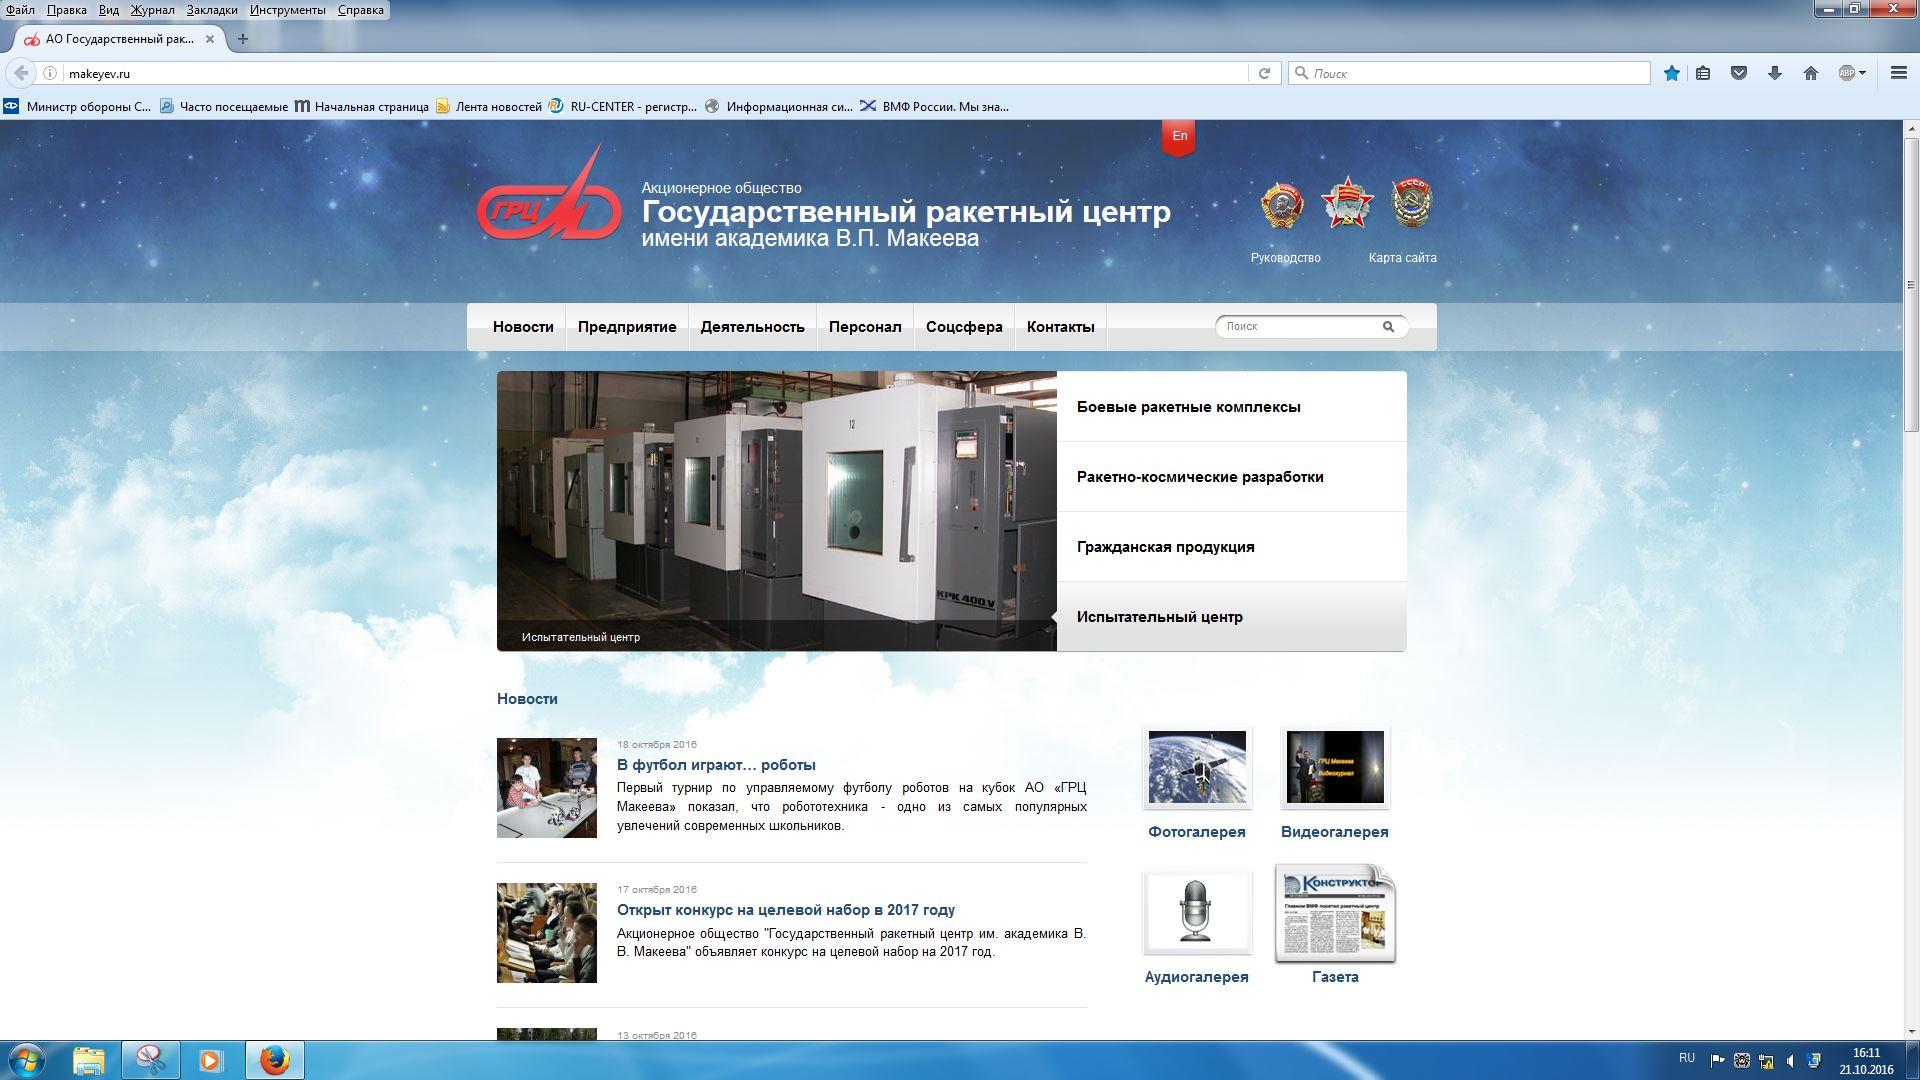 Как сообщили агентству «Урал-пресс-информ» в пресс-службе ГРЦ, разработчики сделали сайт более ин